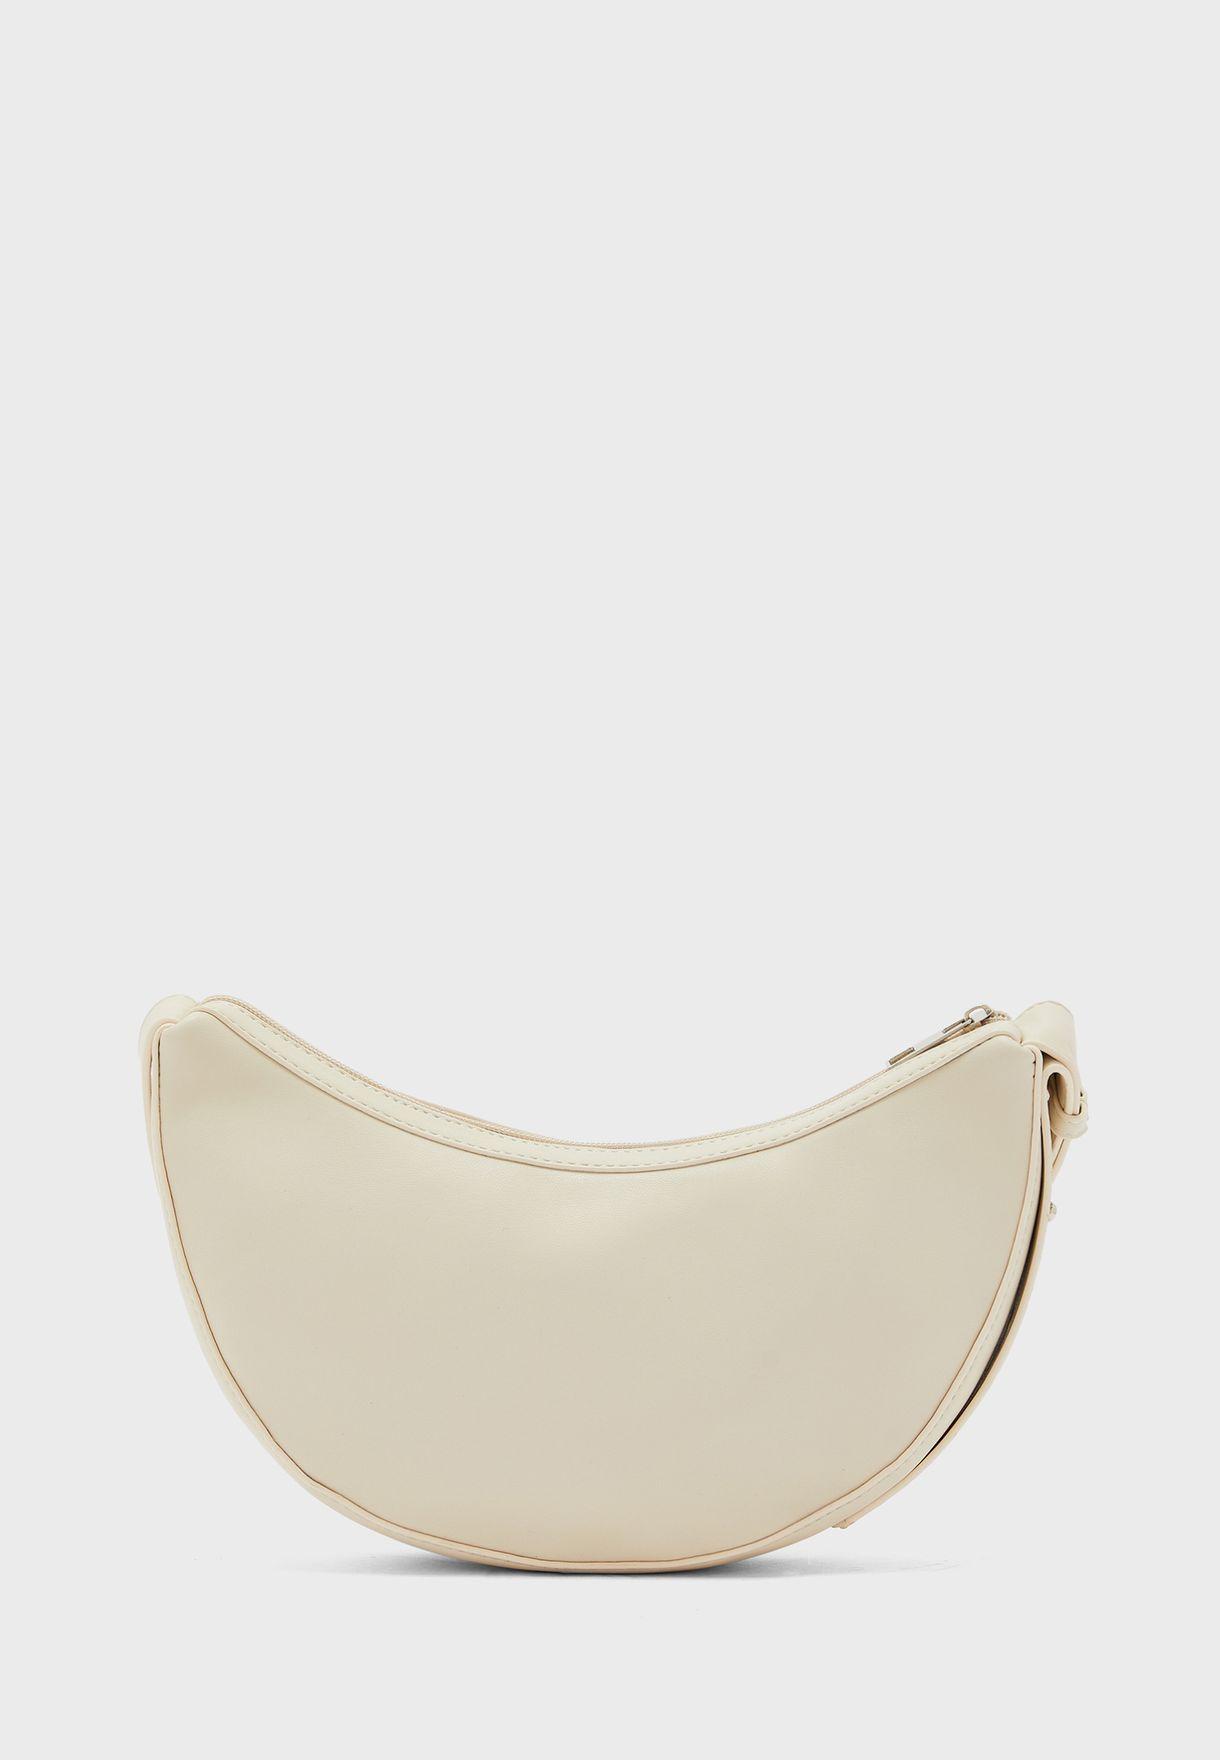 90s Shoulder Bag